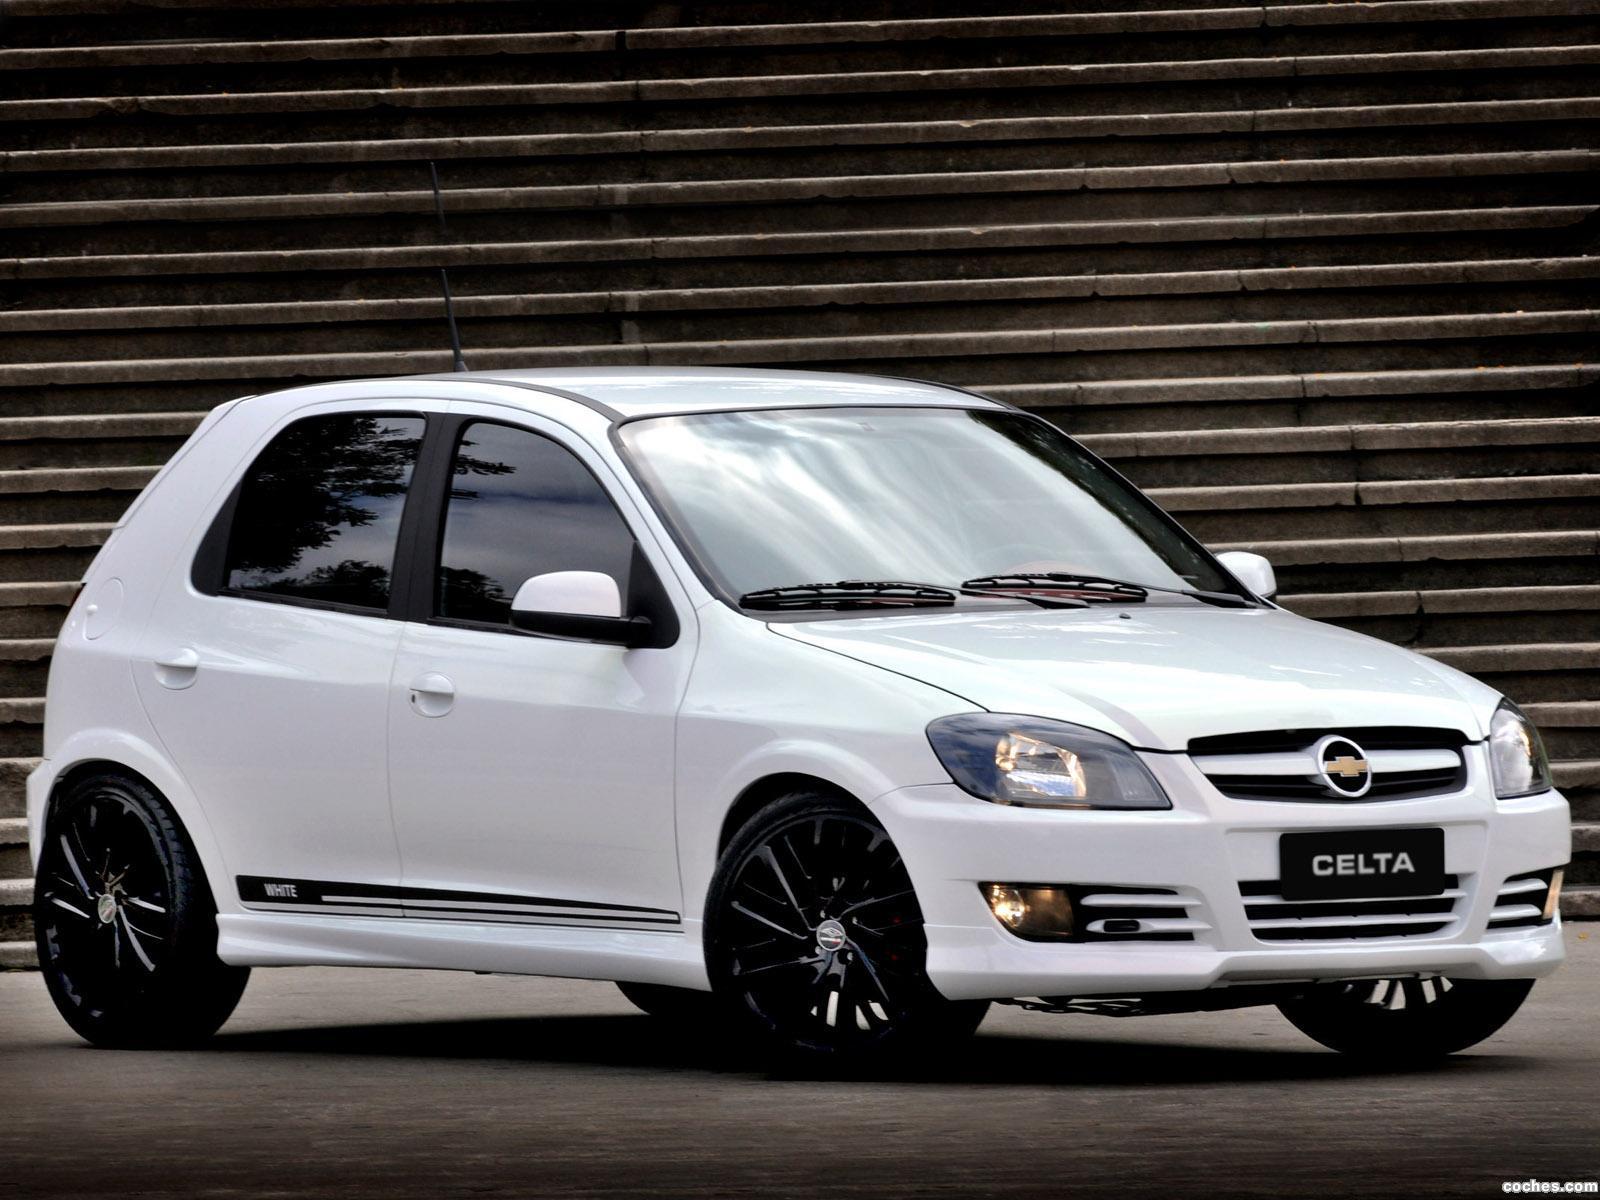 Foto 0 de Chevrolet Celta White Concept 2010